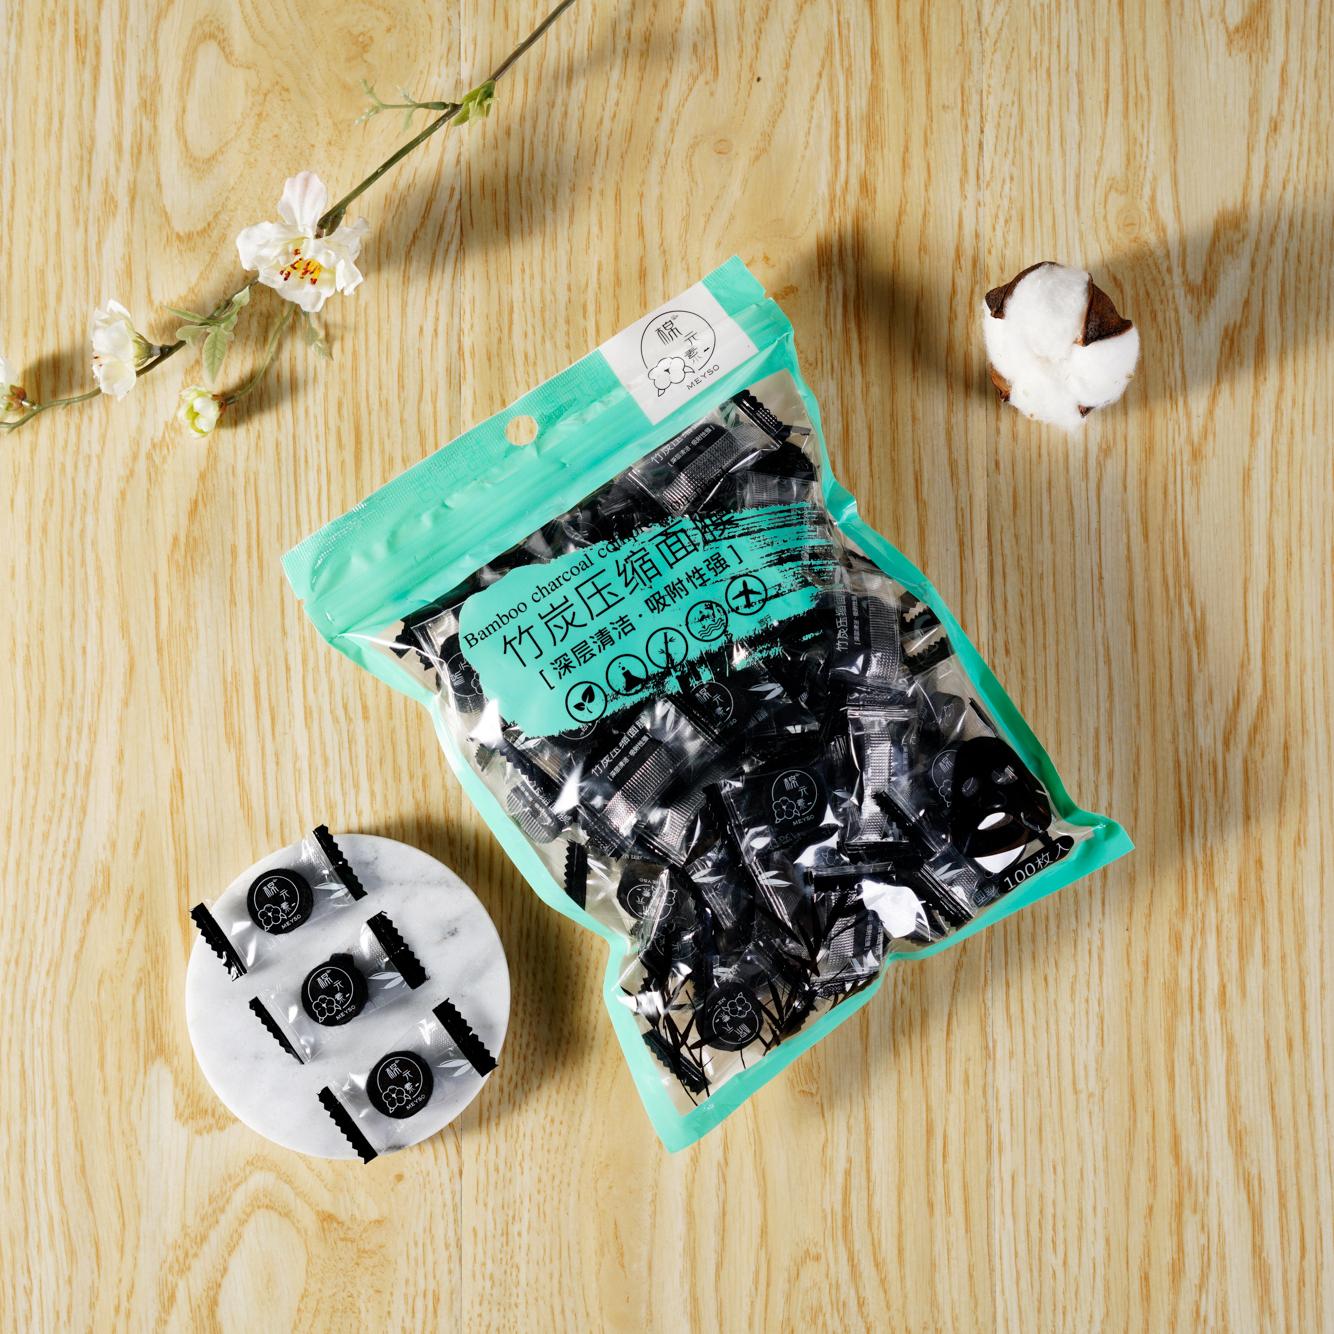 竹炭压缩面膜纸100片蚕丝工艺面膜热销97件有赠品